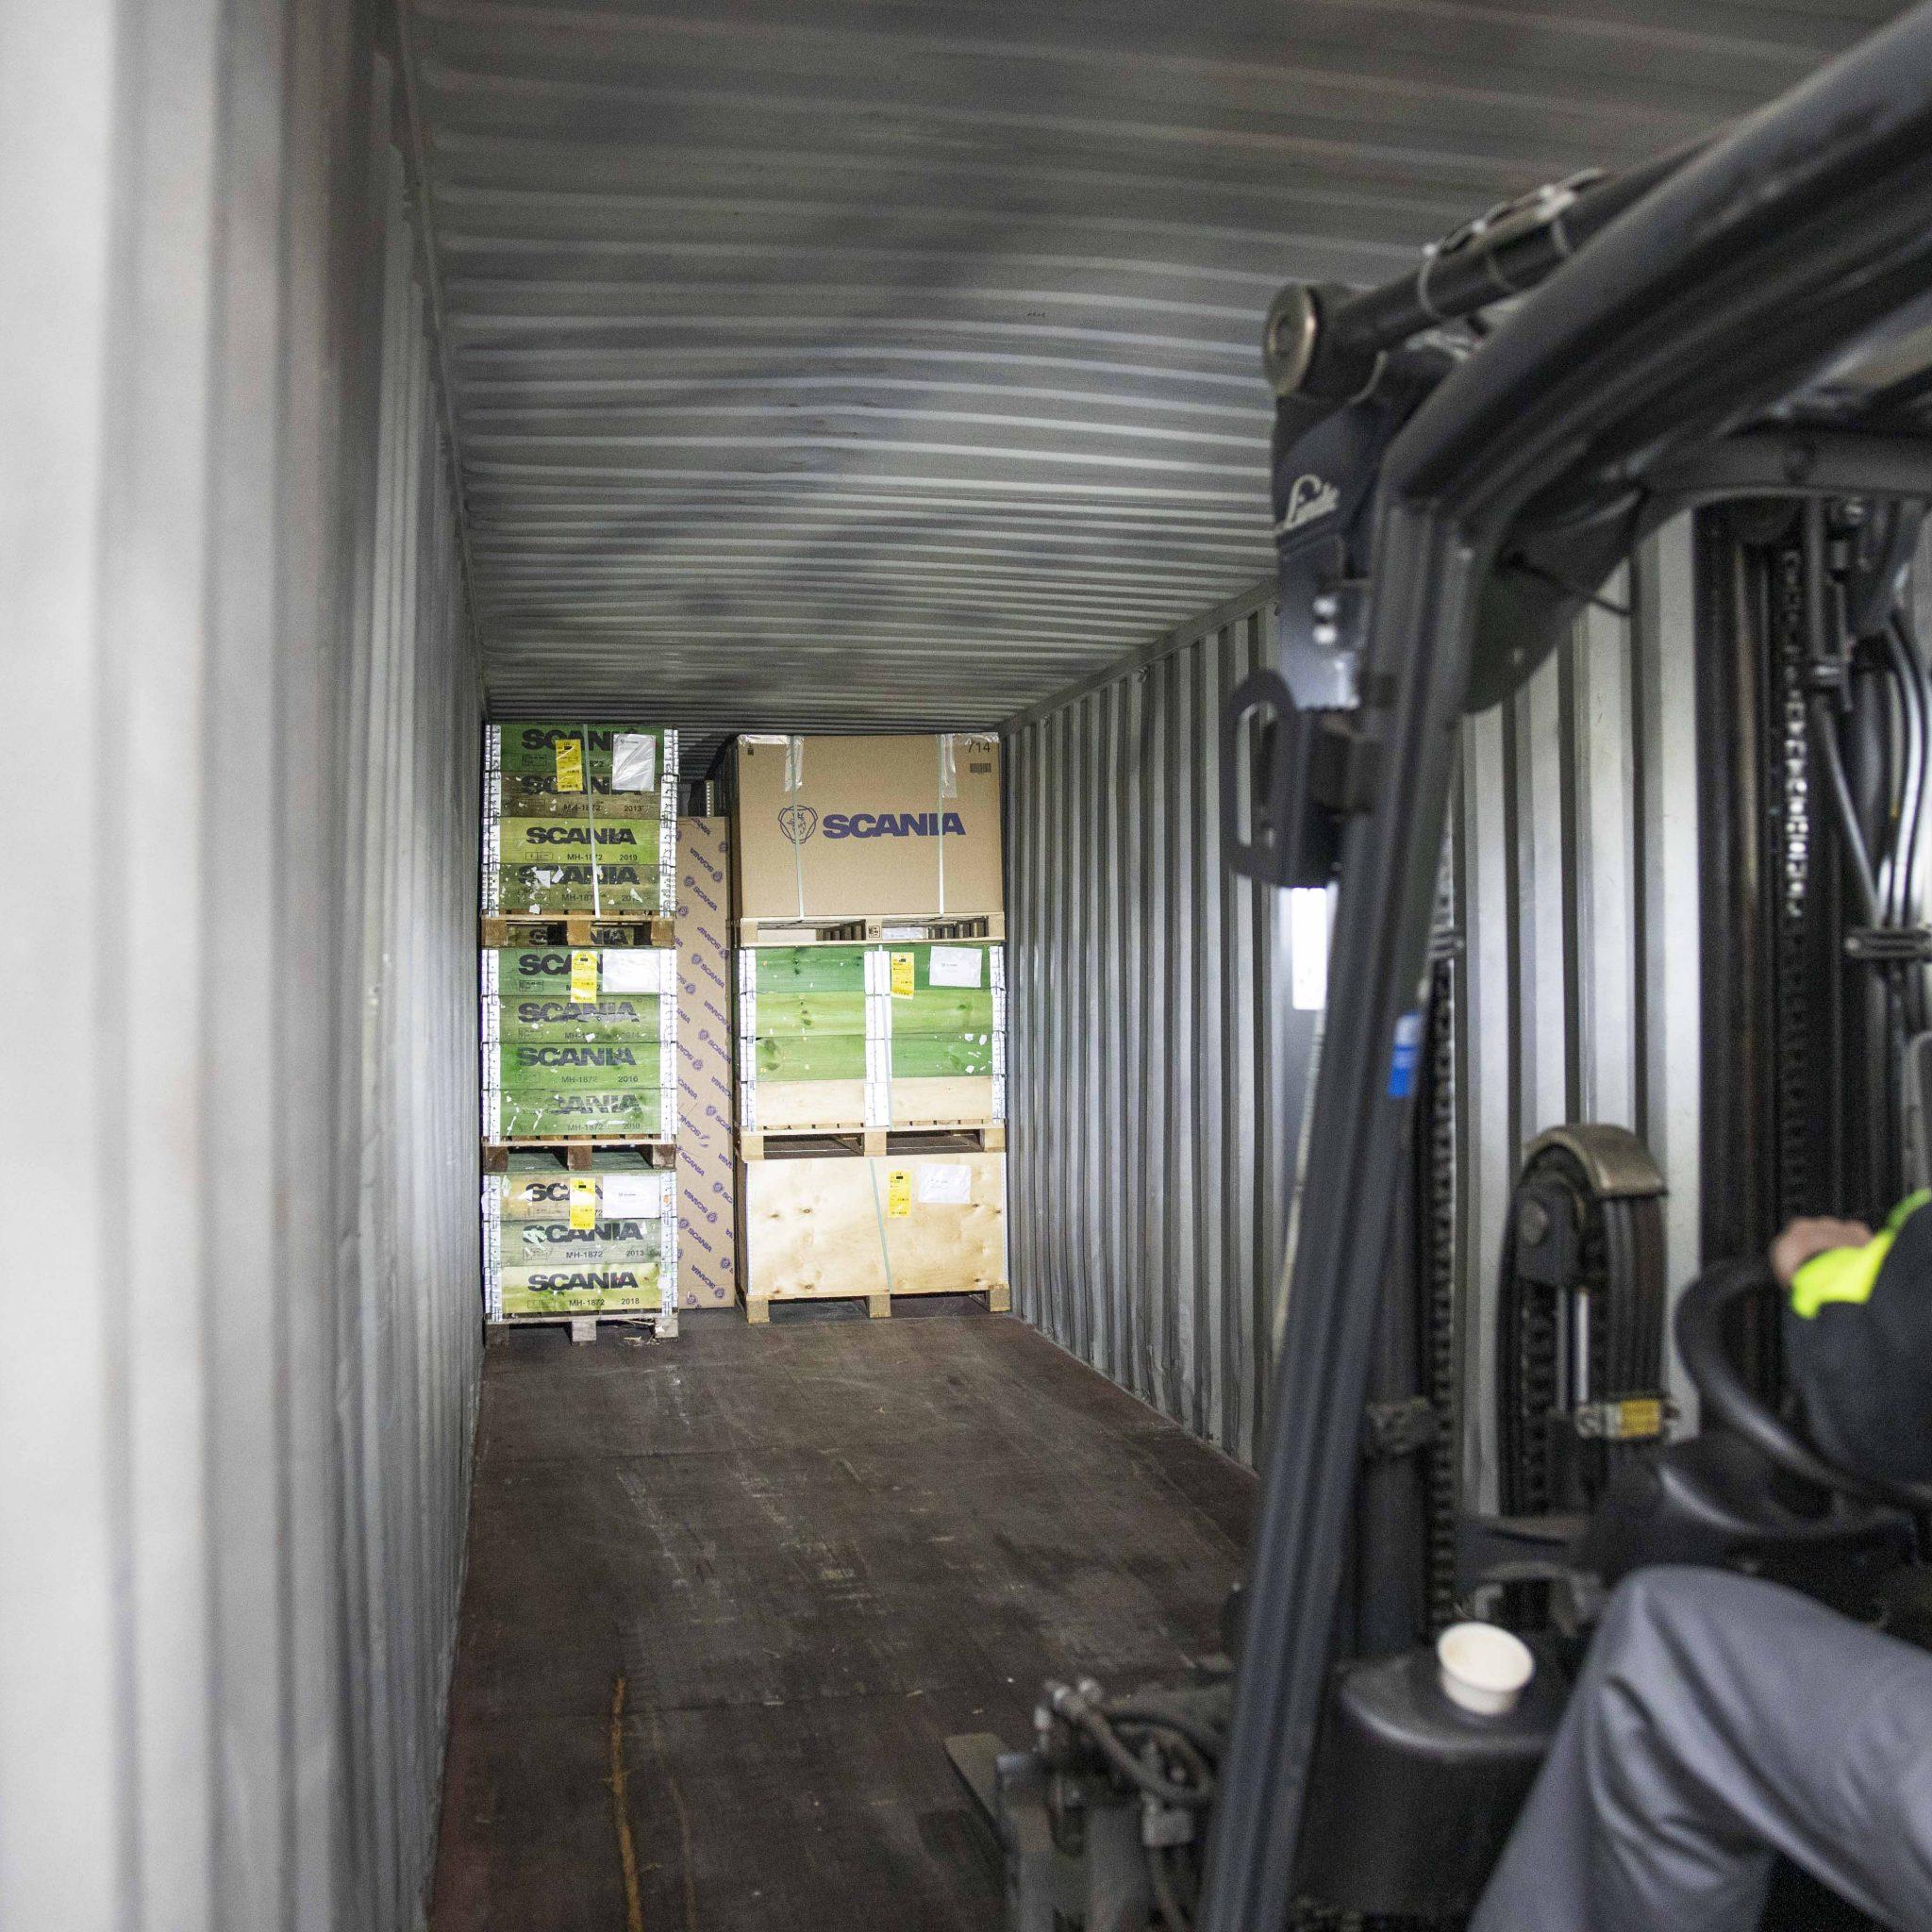 Scania Parts Logistics schakelt over op binnenvaart voor het vervoer van containers. (Foto Gilles Dumoulin)